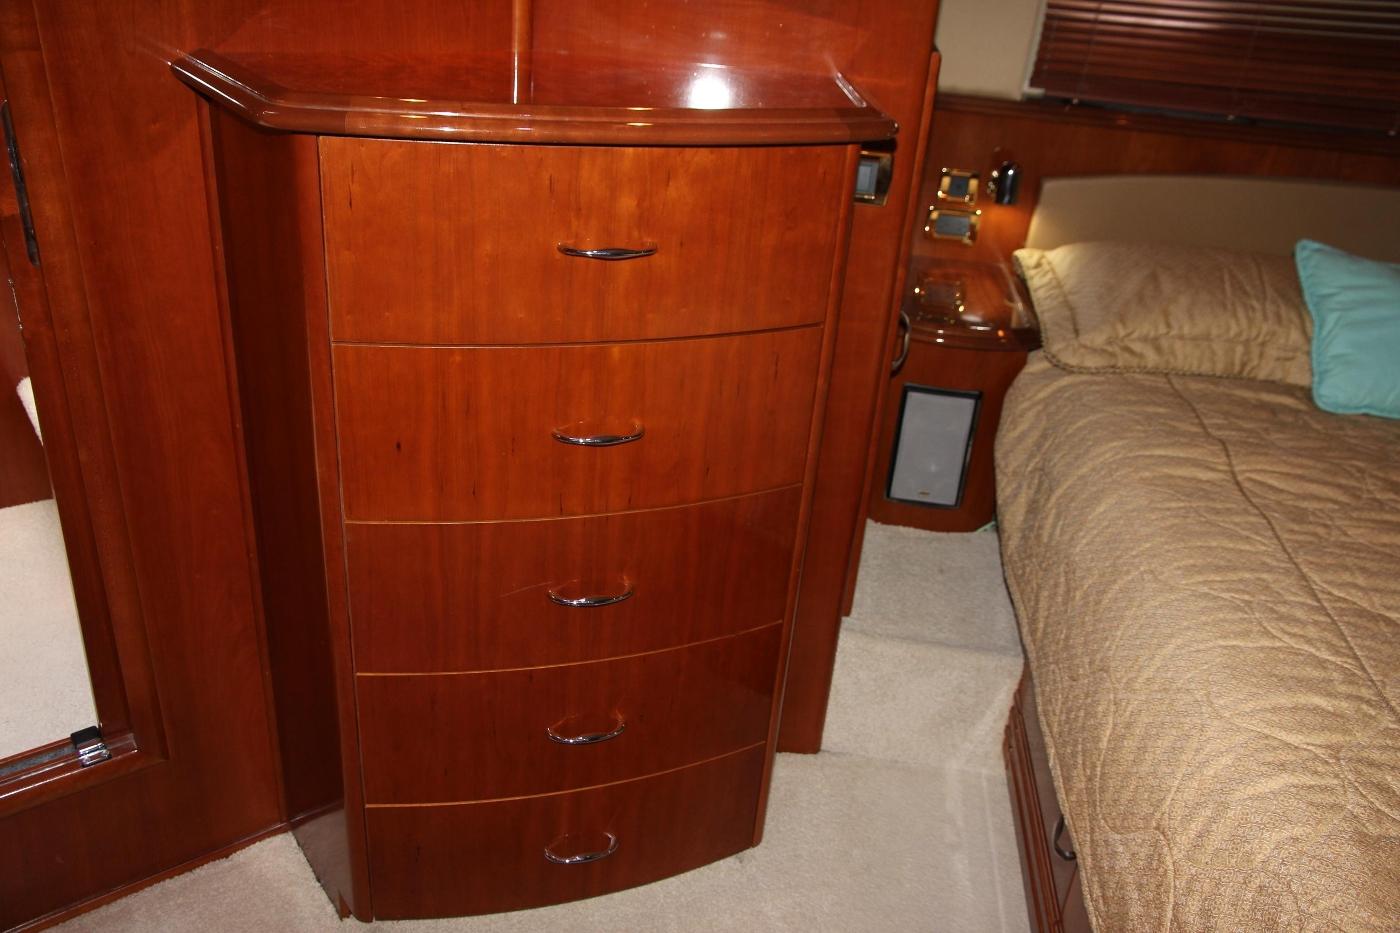 2005 Carver 560 Voyager Pilothouse, Dresser Storage